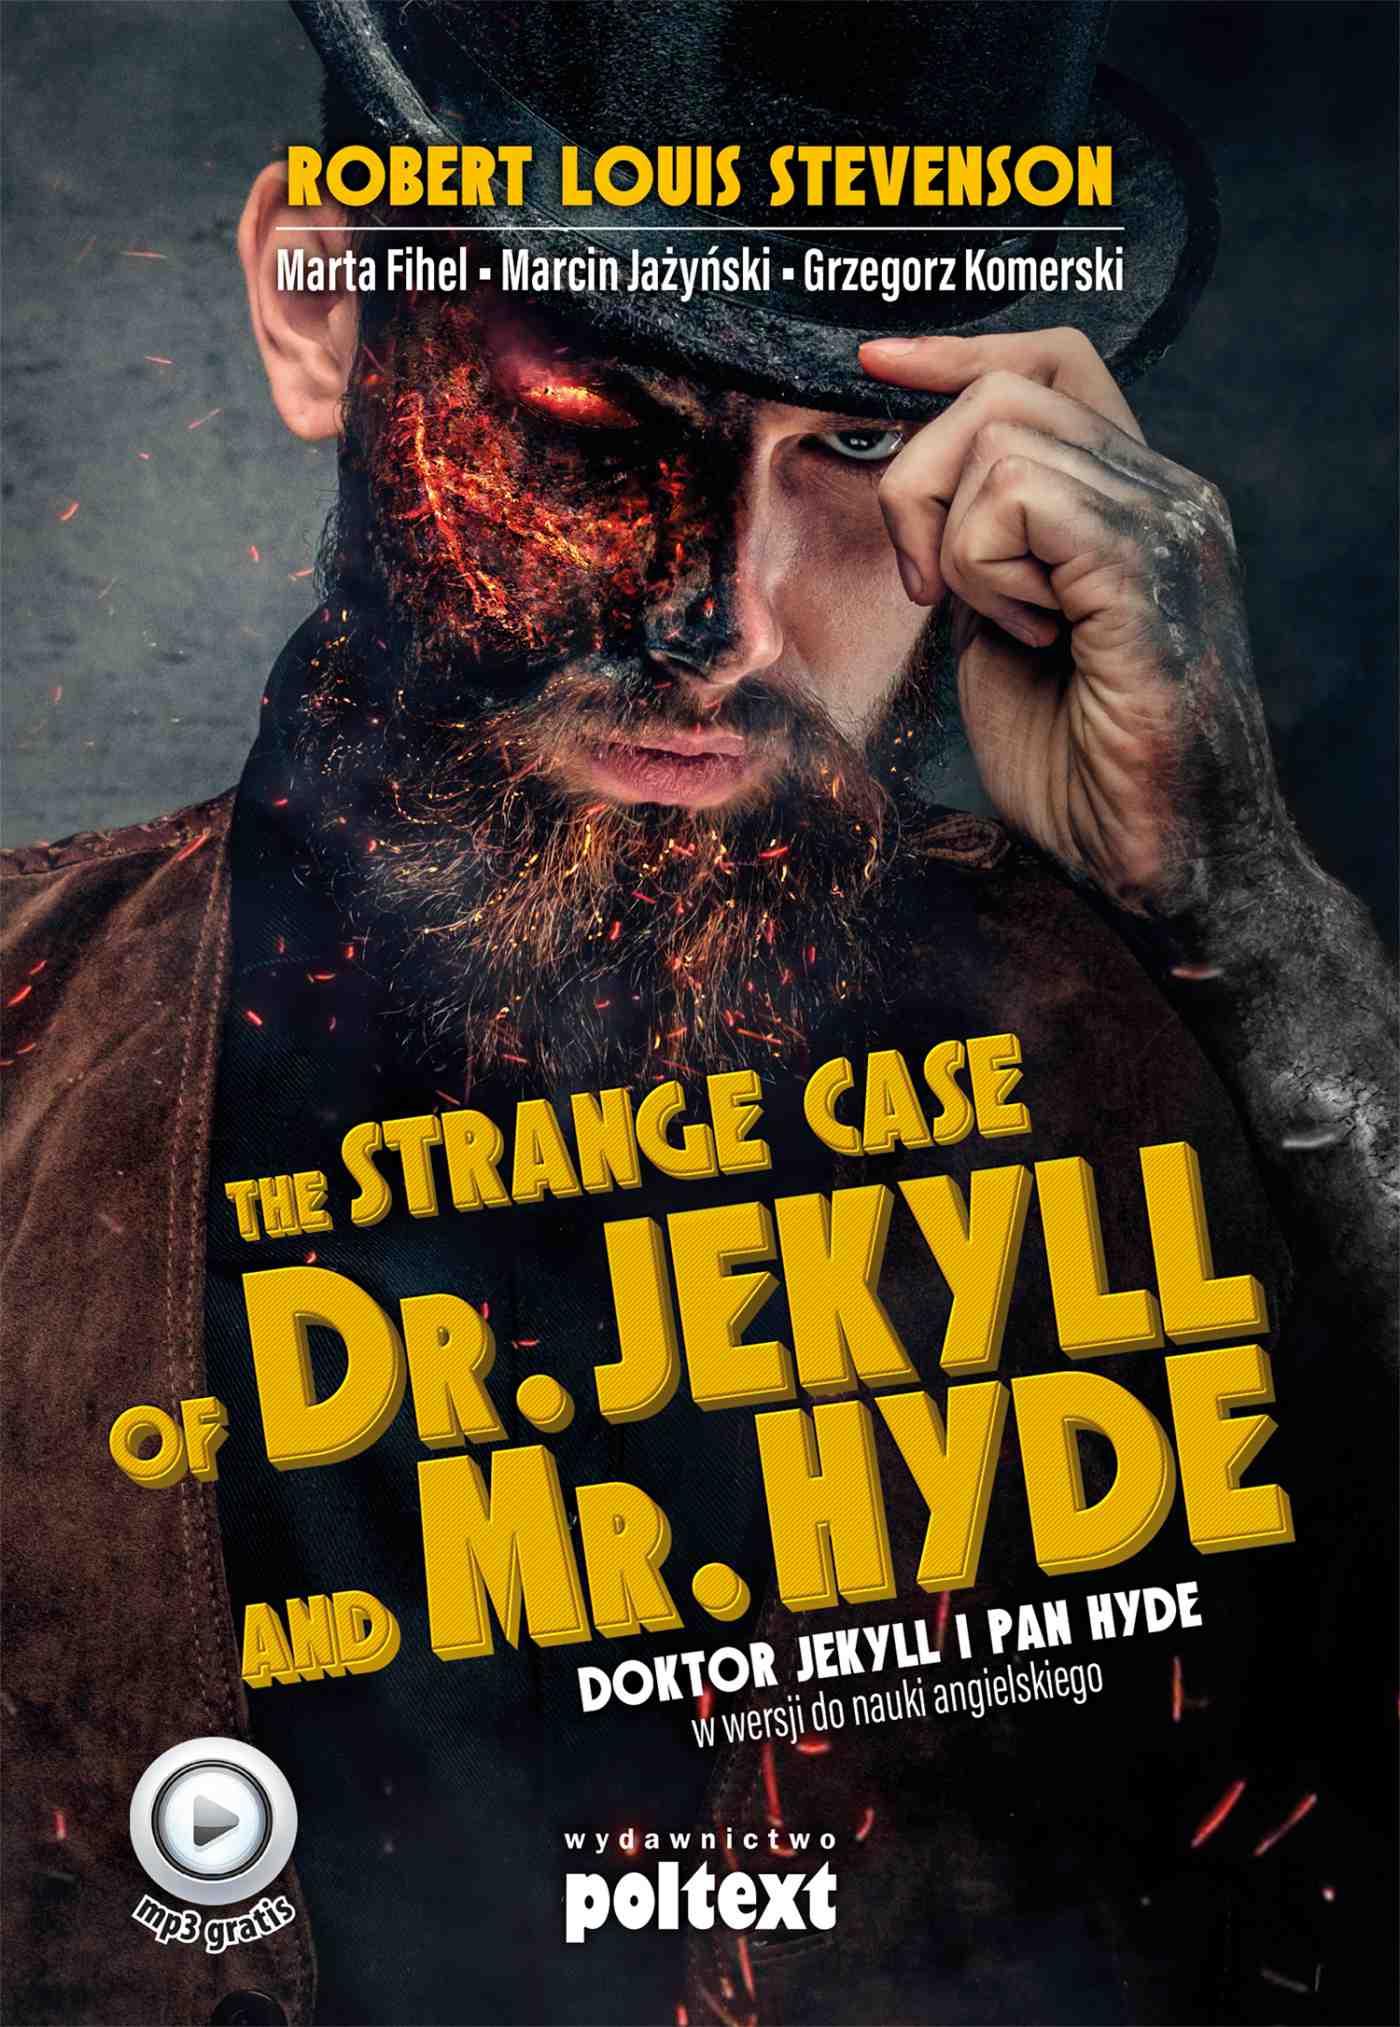 The Strange Case of Dr. Jekyll and Mr. Hyde. Doktor Jekyll i Pan Hyde w wersji do nauki angielskiego - Ebook (Książka EPUB) do pobrania w formacie EPUB